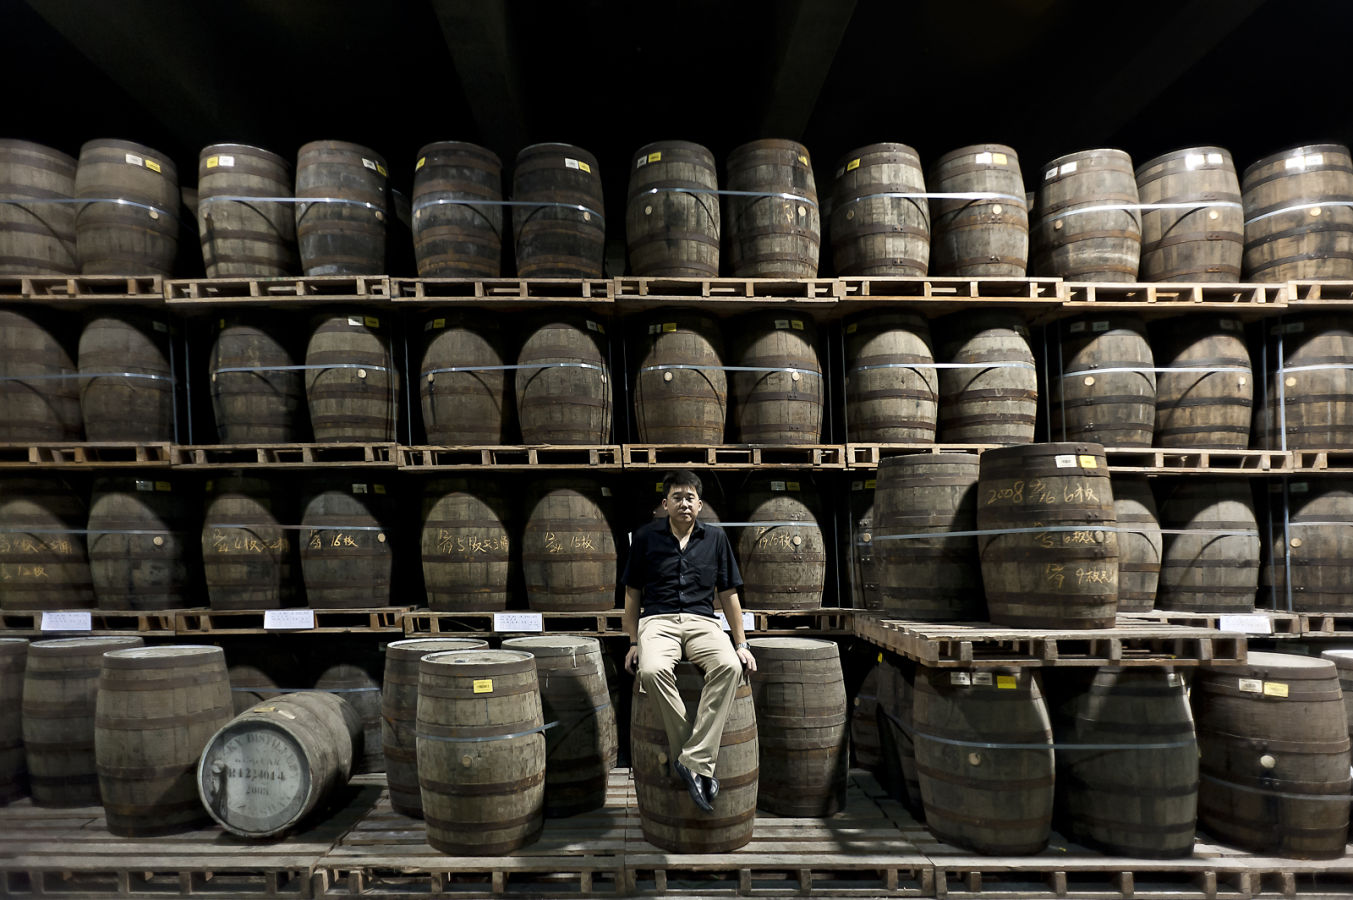 Tchajwanský výrobce je dvojnásobným vítězem soutěže World Whiskies Awards